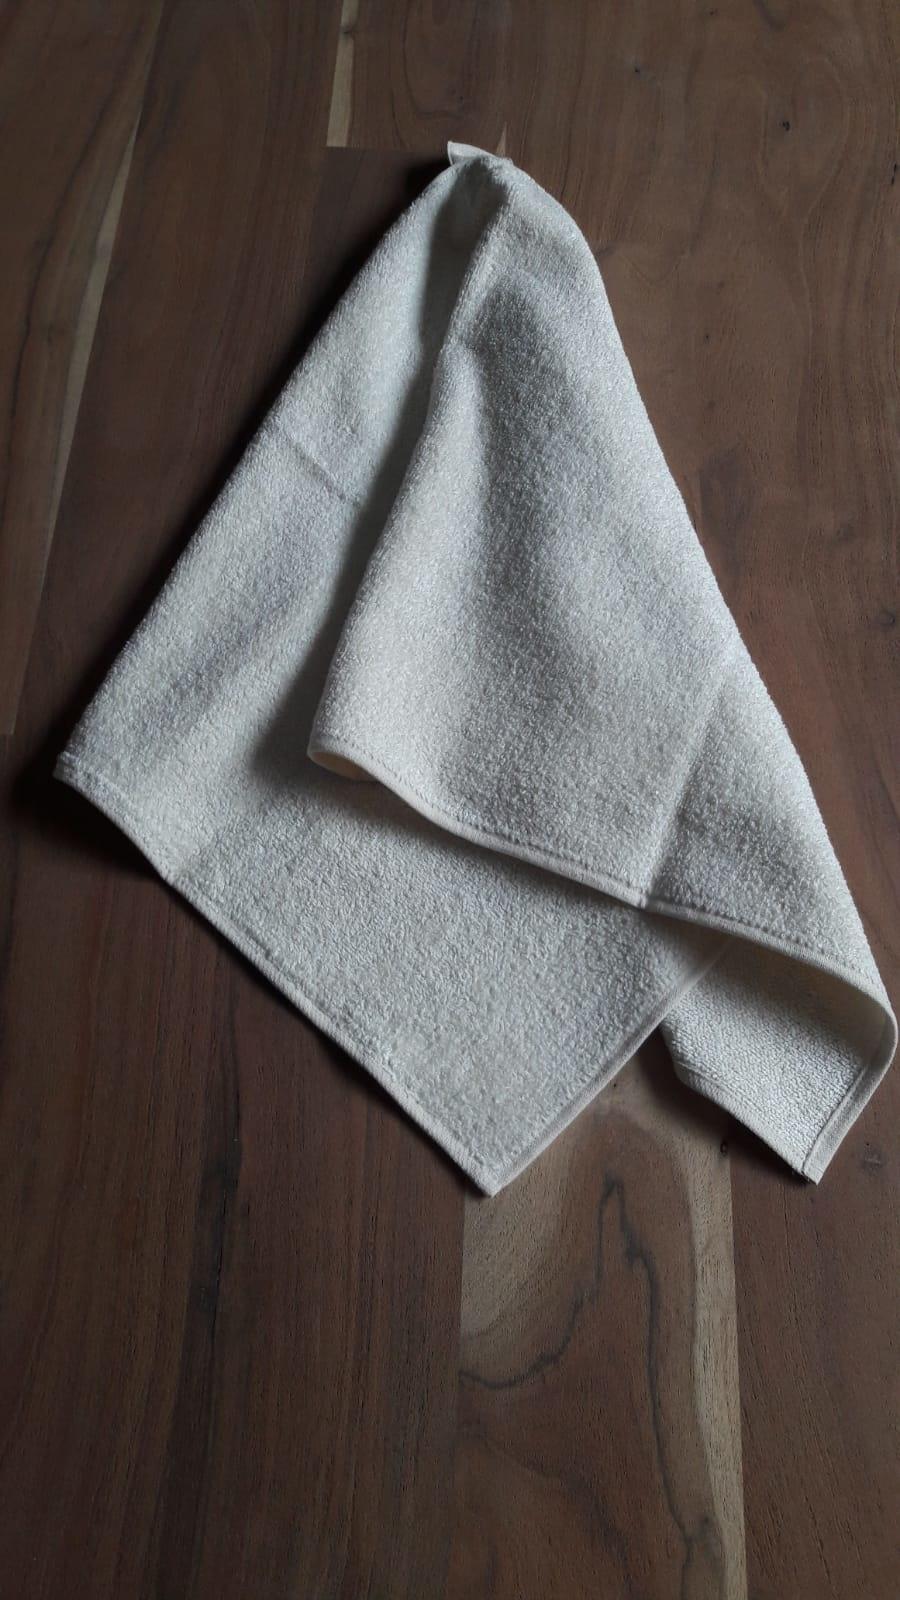 Le grenier du lin guest towel